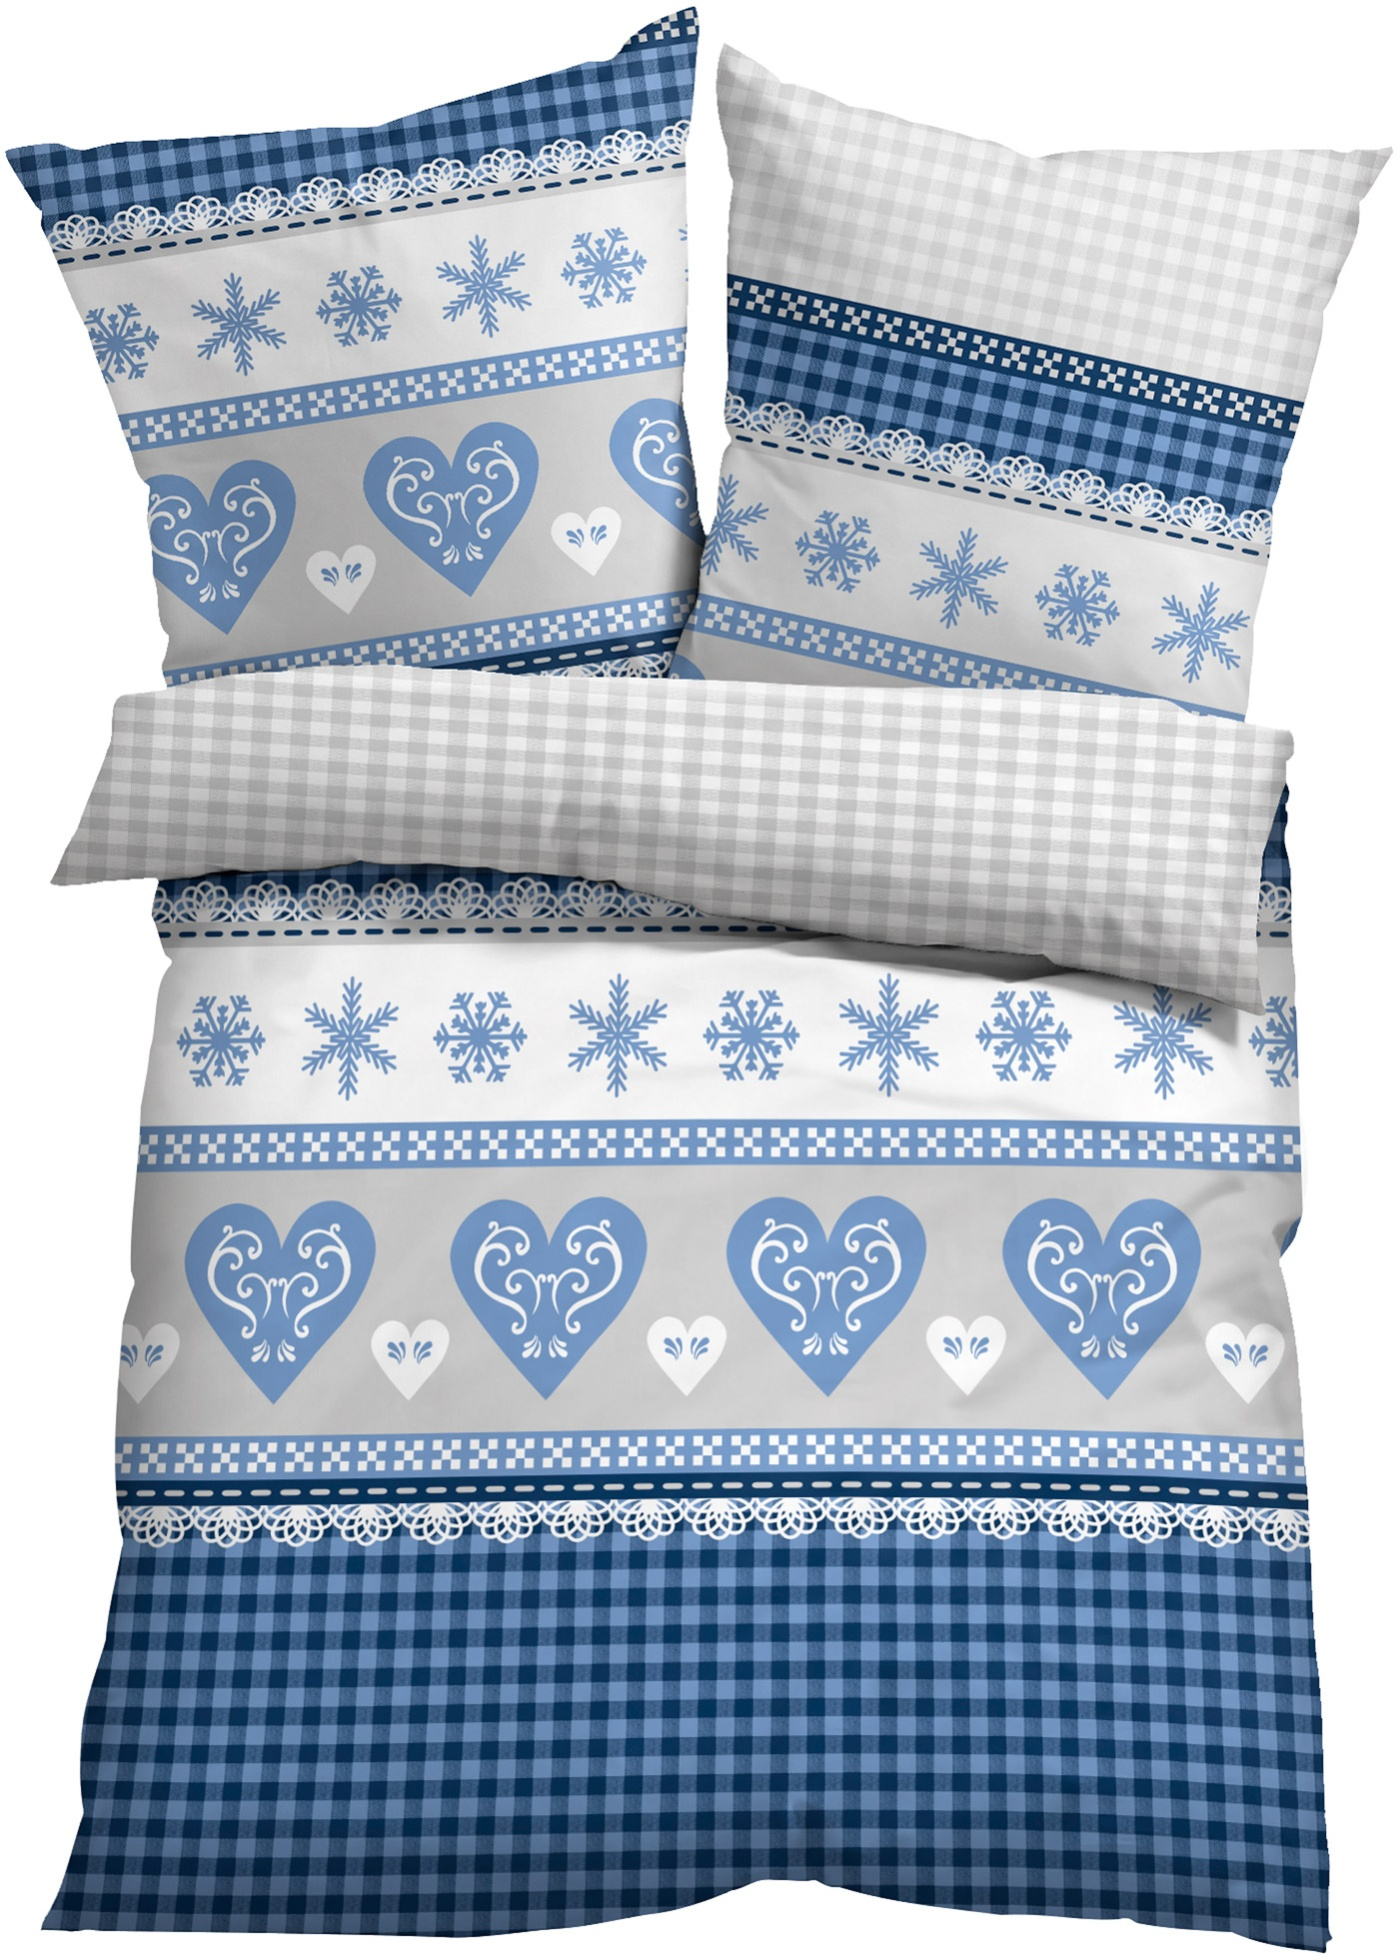 Bettwasche Yule Linon Bettwasche Bett Kissen Und Bett